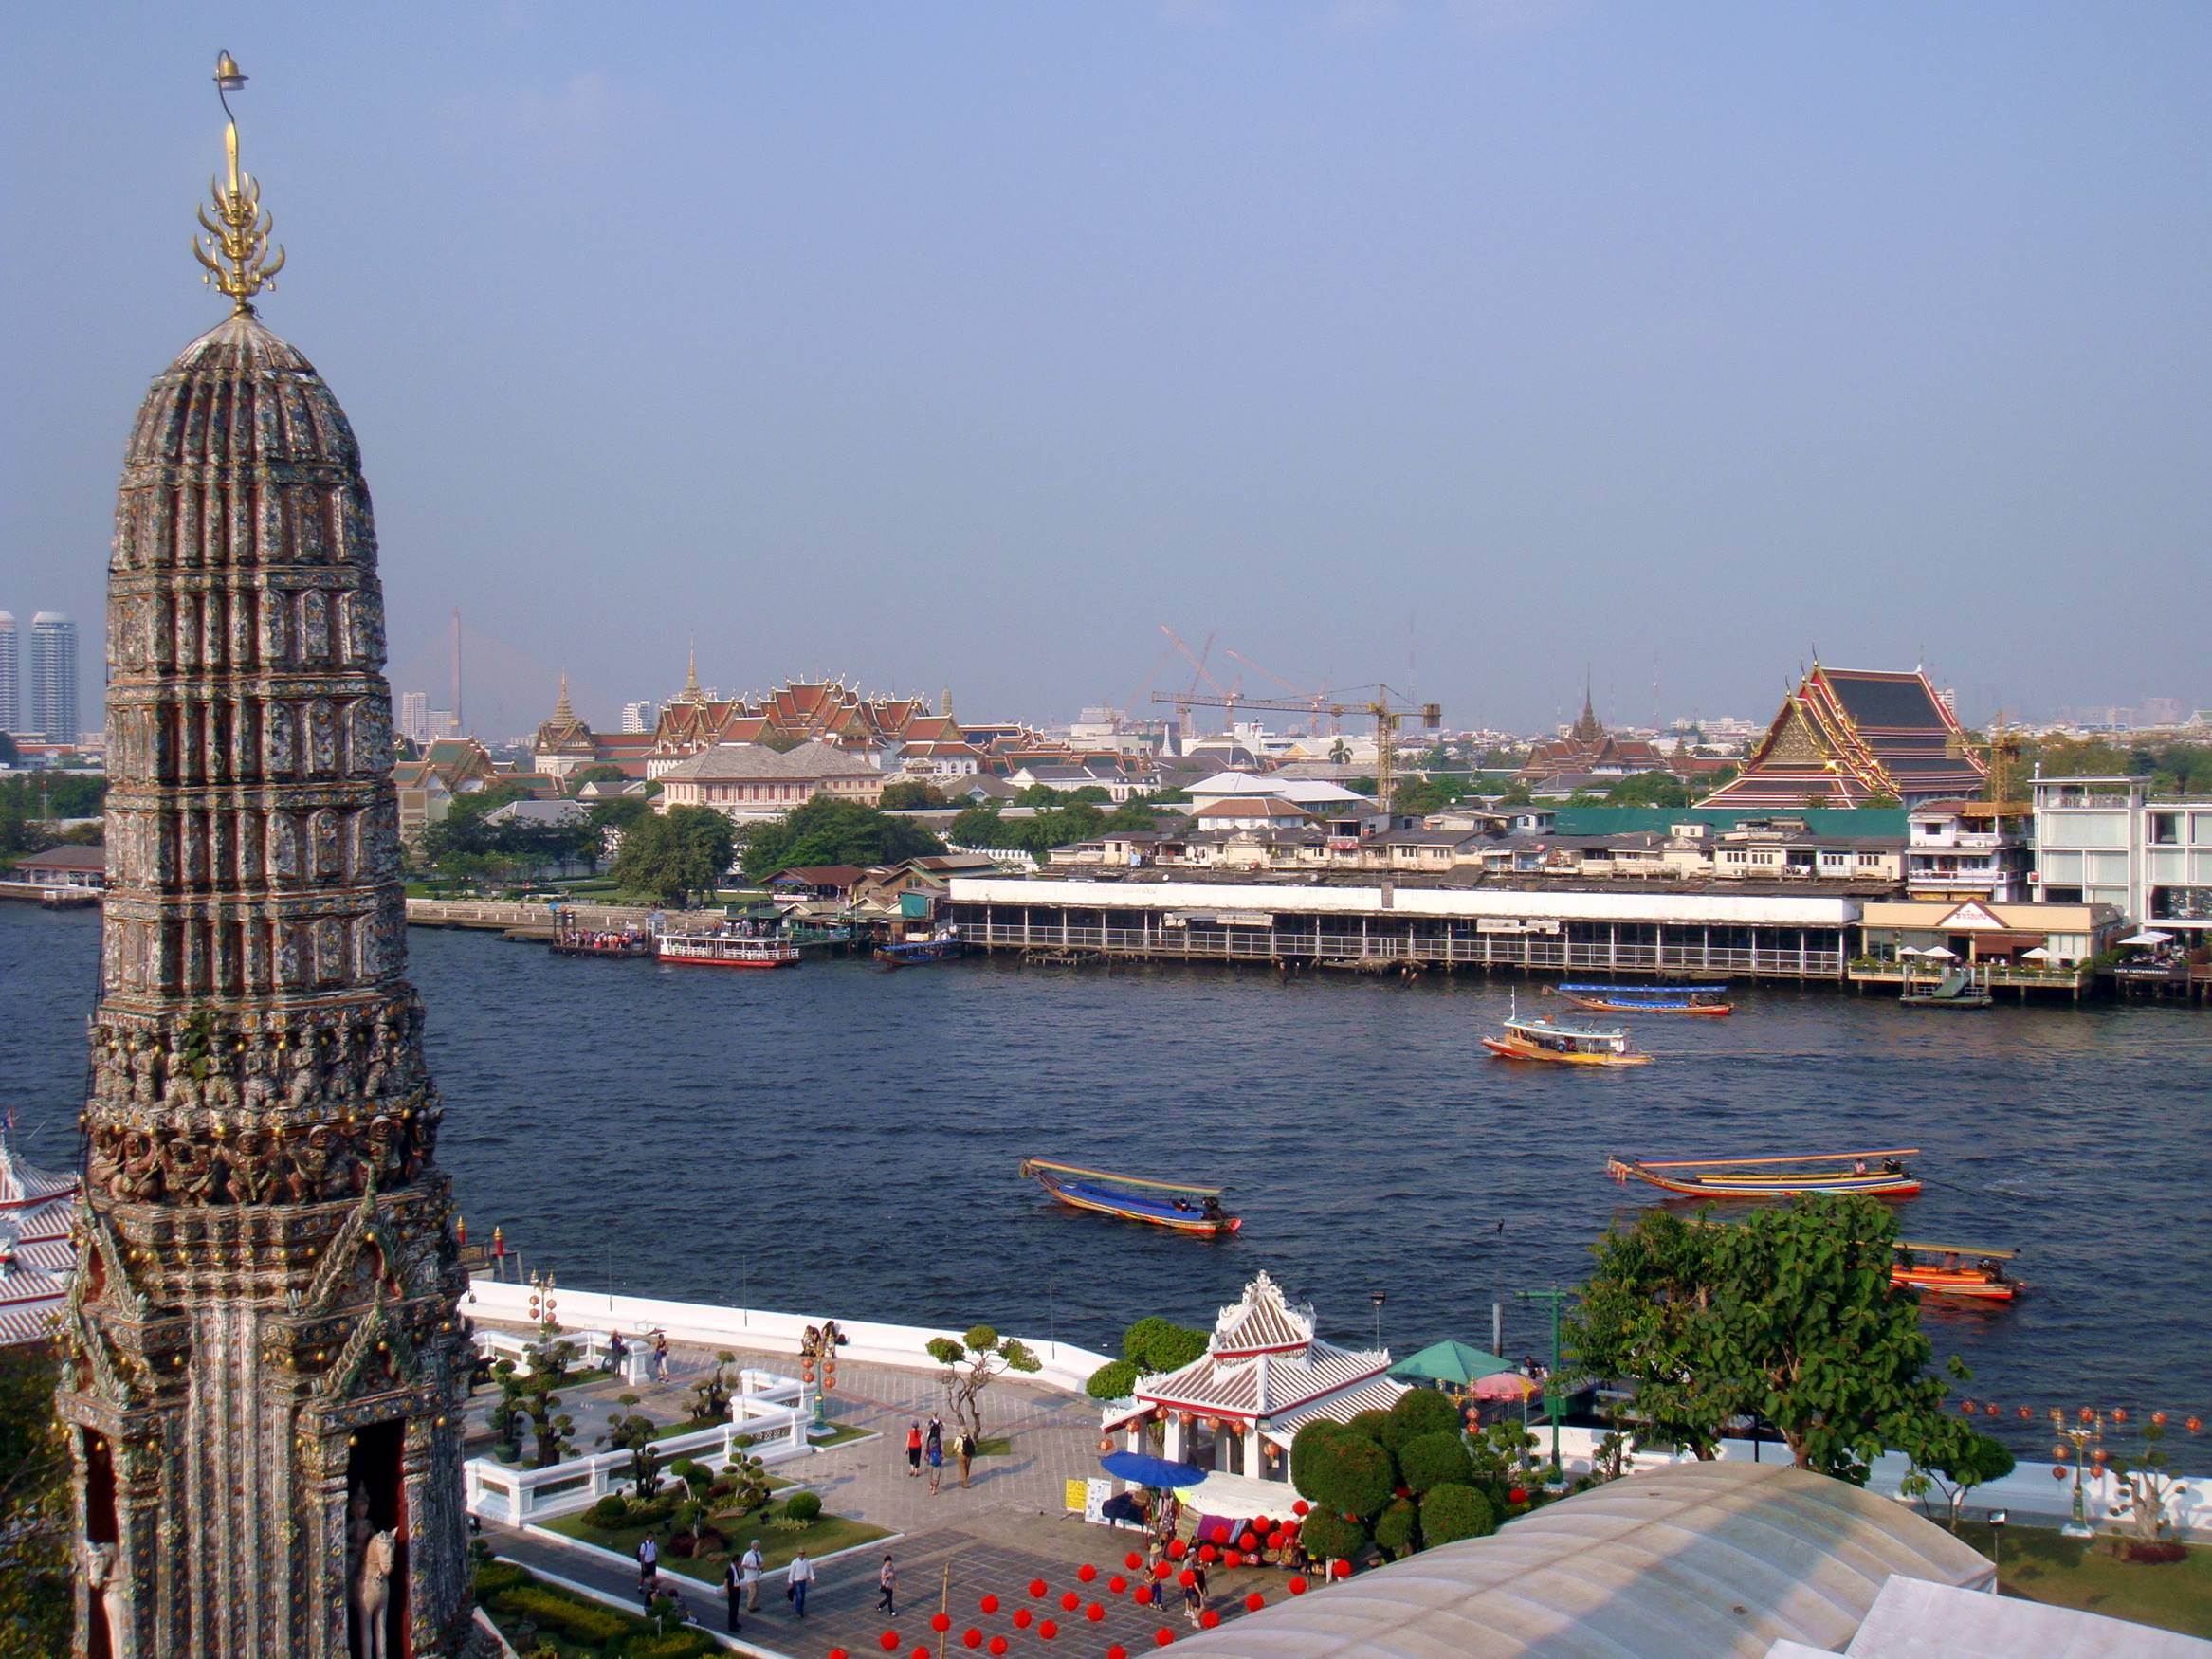 bangkok_tailandia_riochaophraya_1